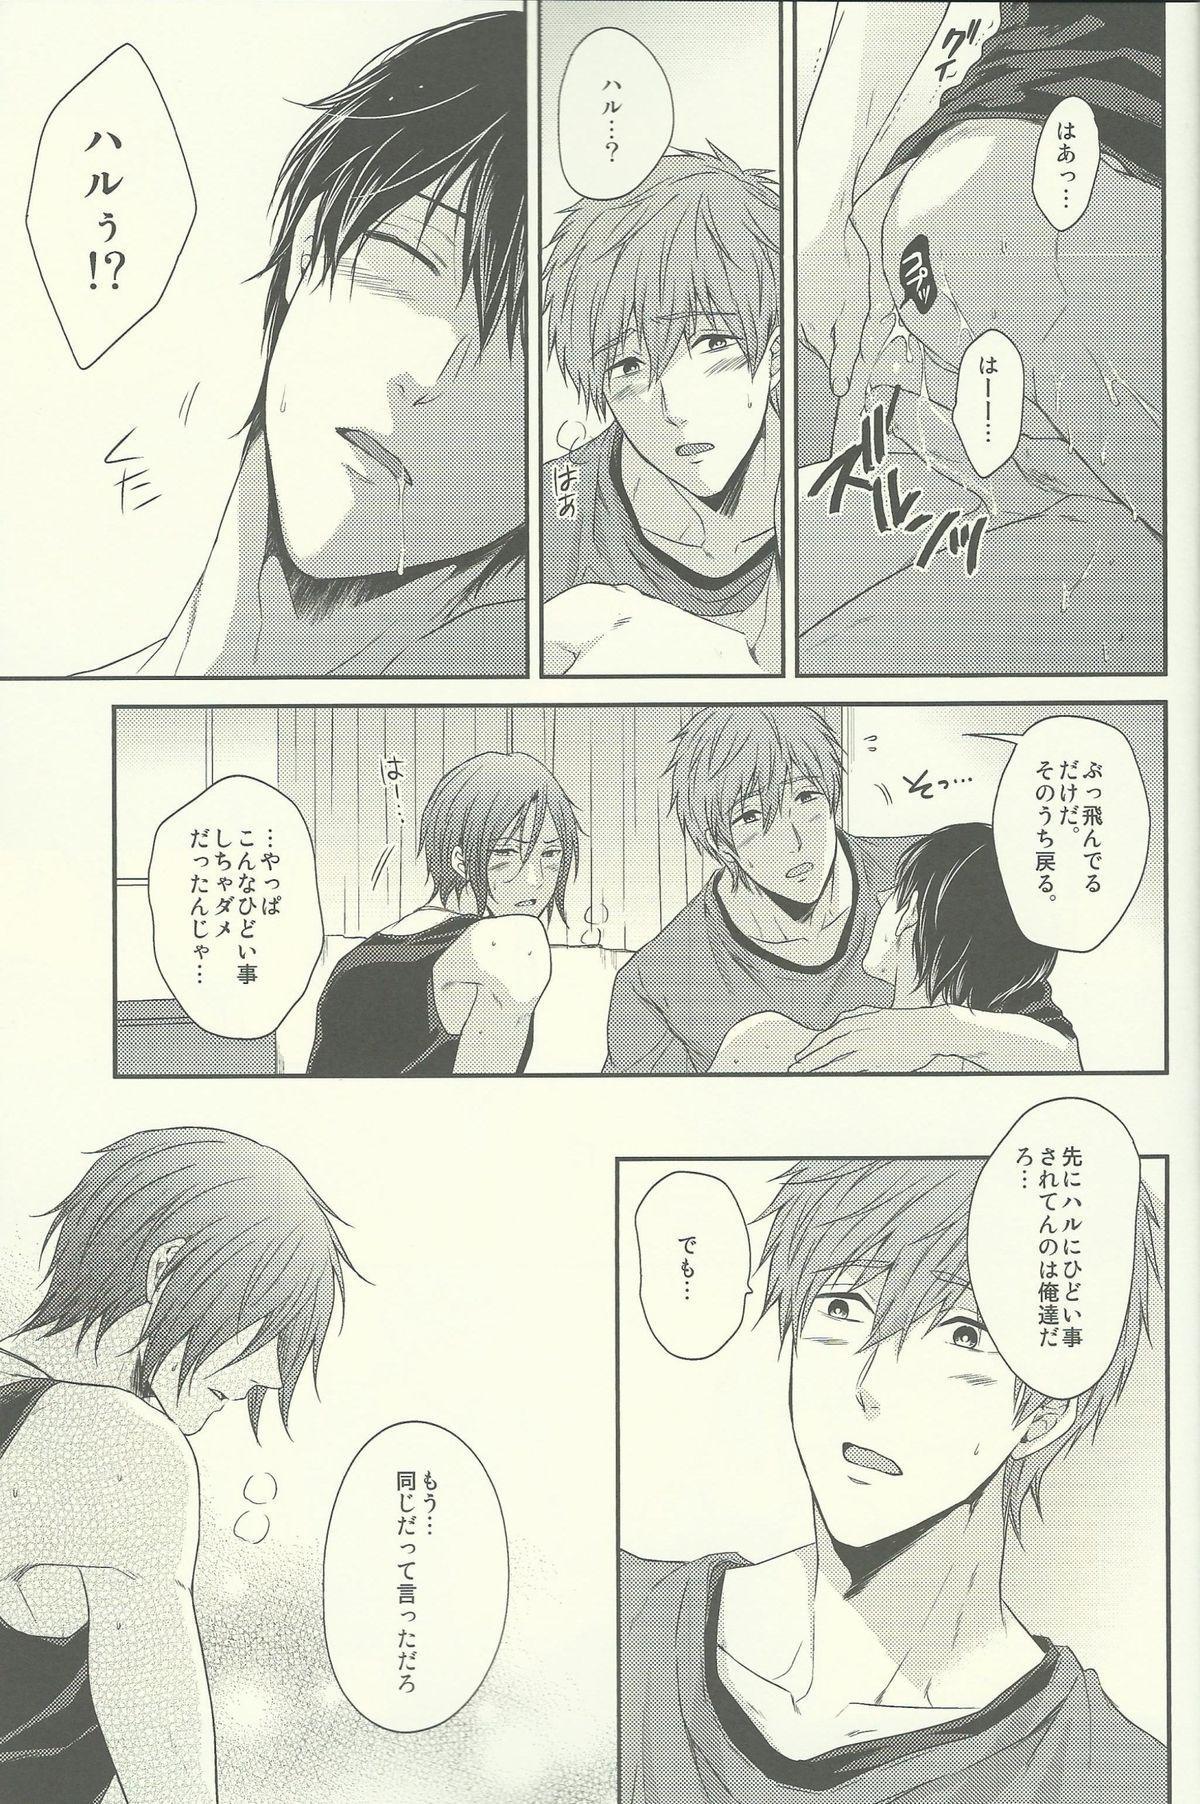 Yurushite Warui Iruka-chan 25